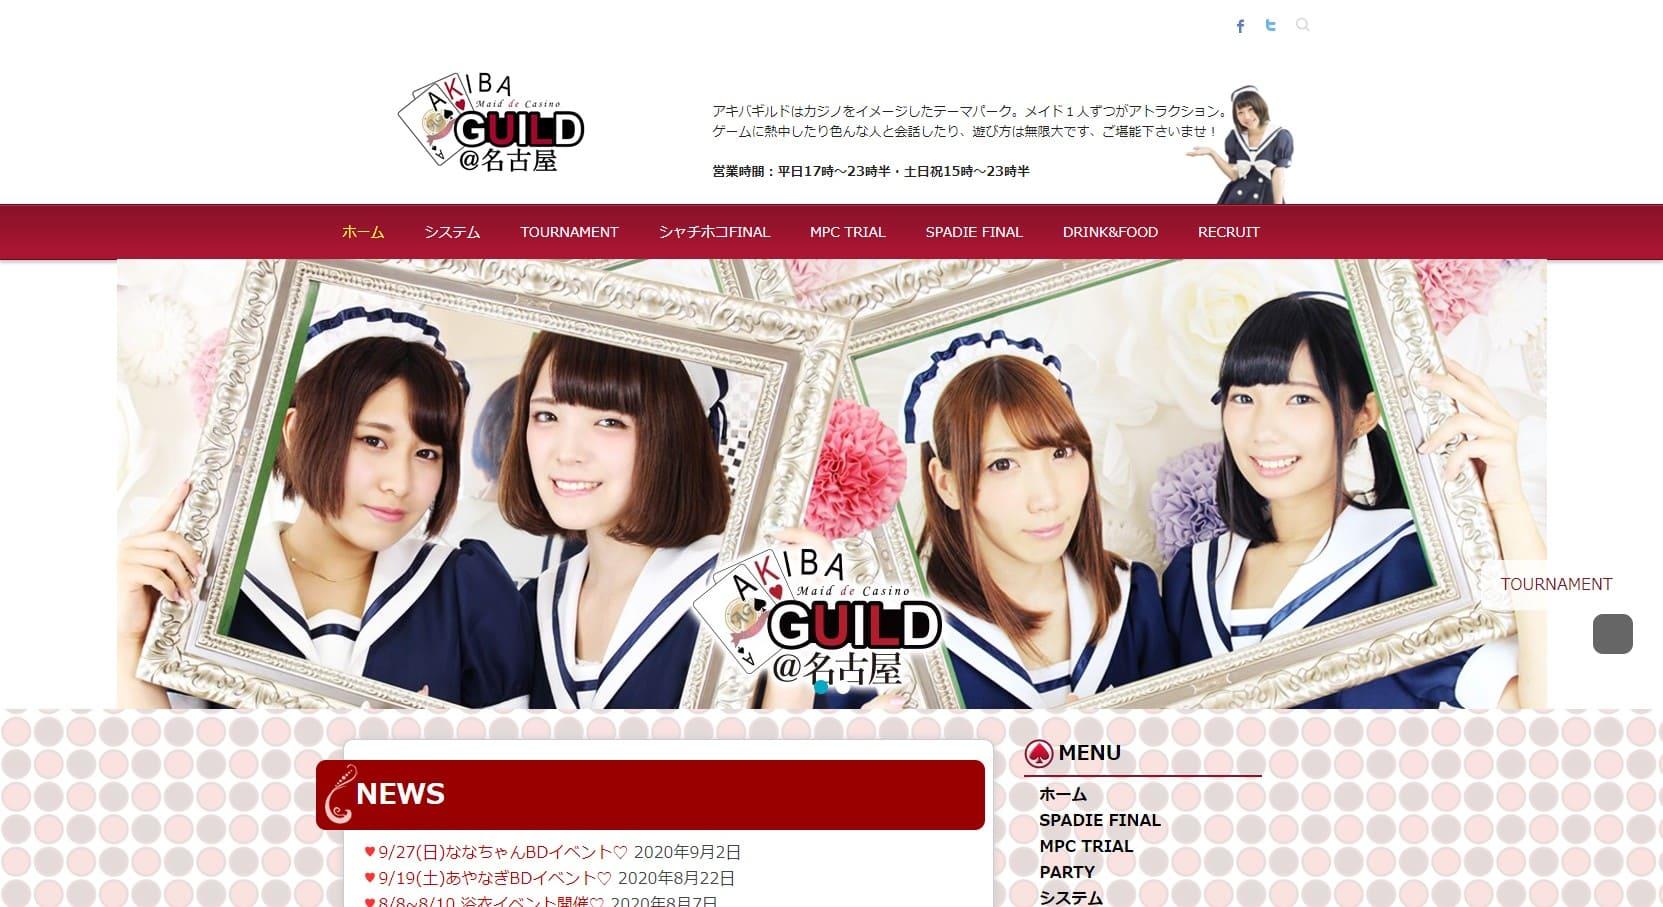 ナゴヤギルドのウェブサイト画像。